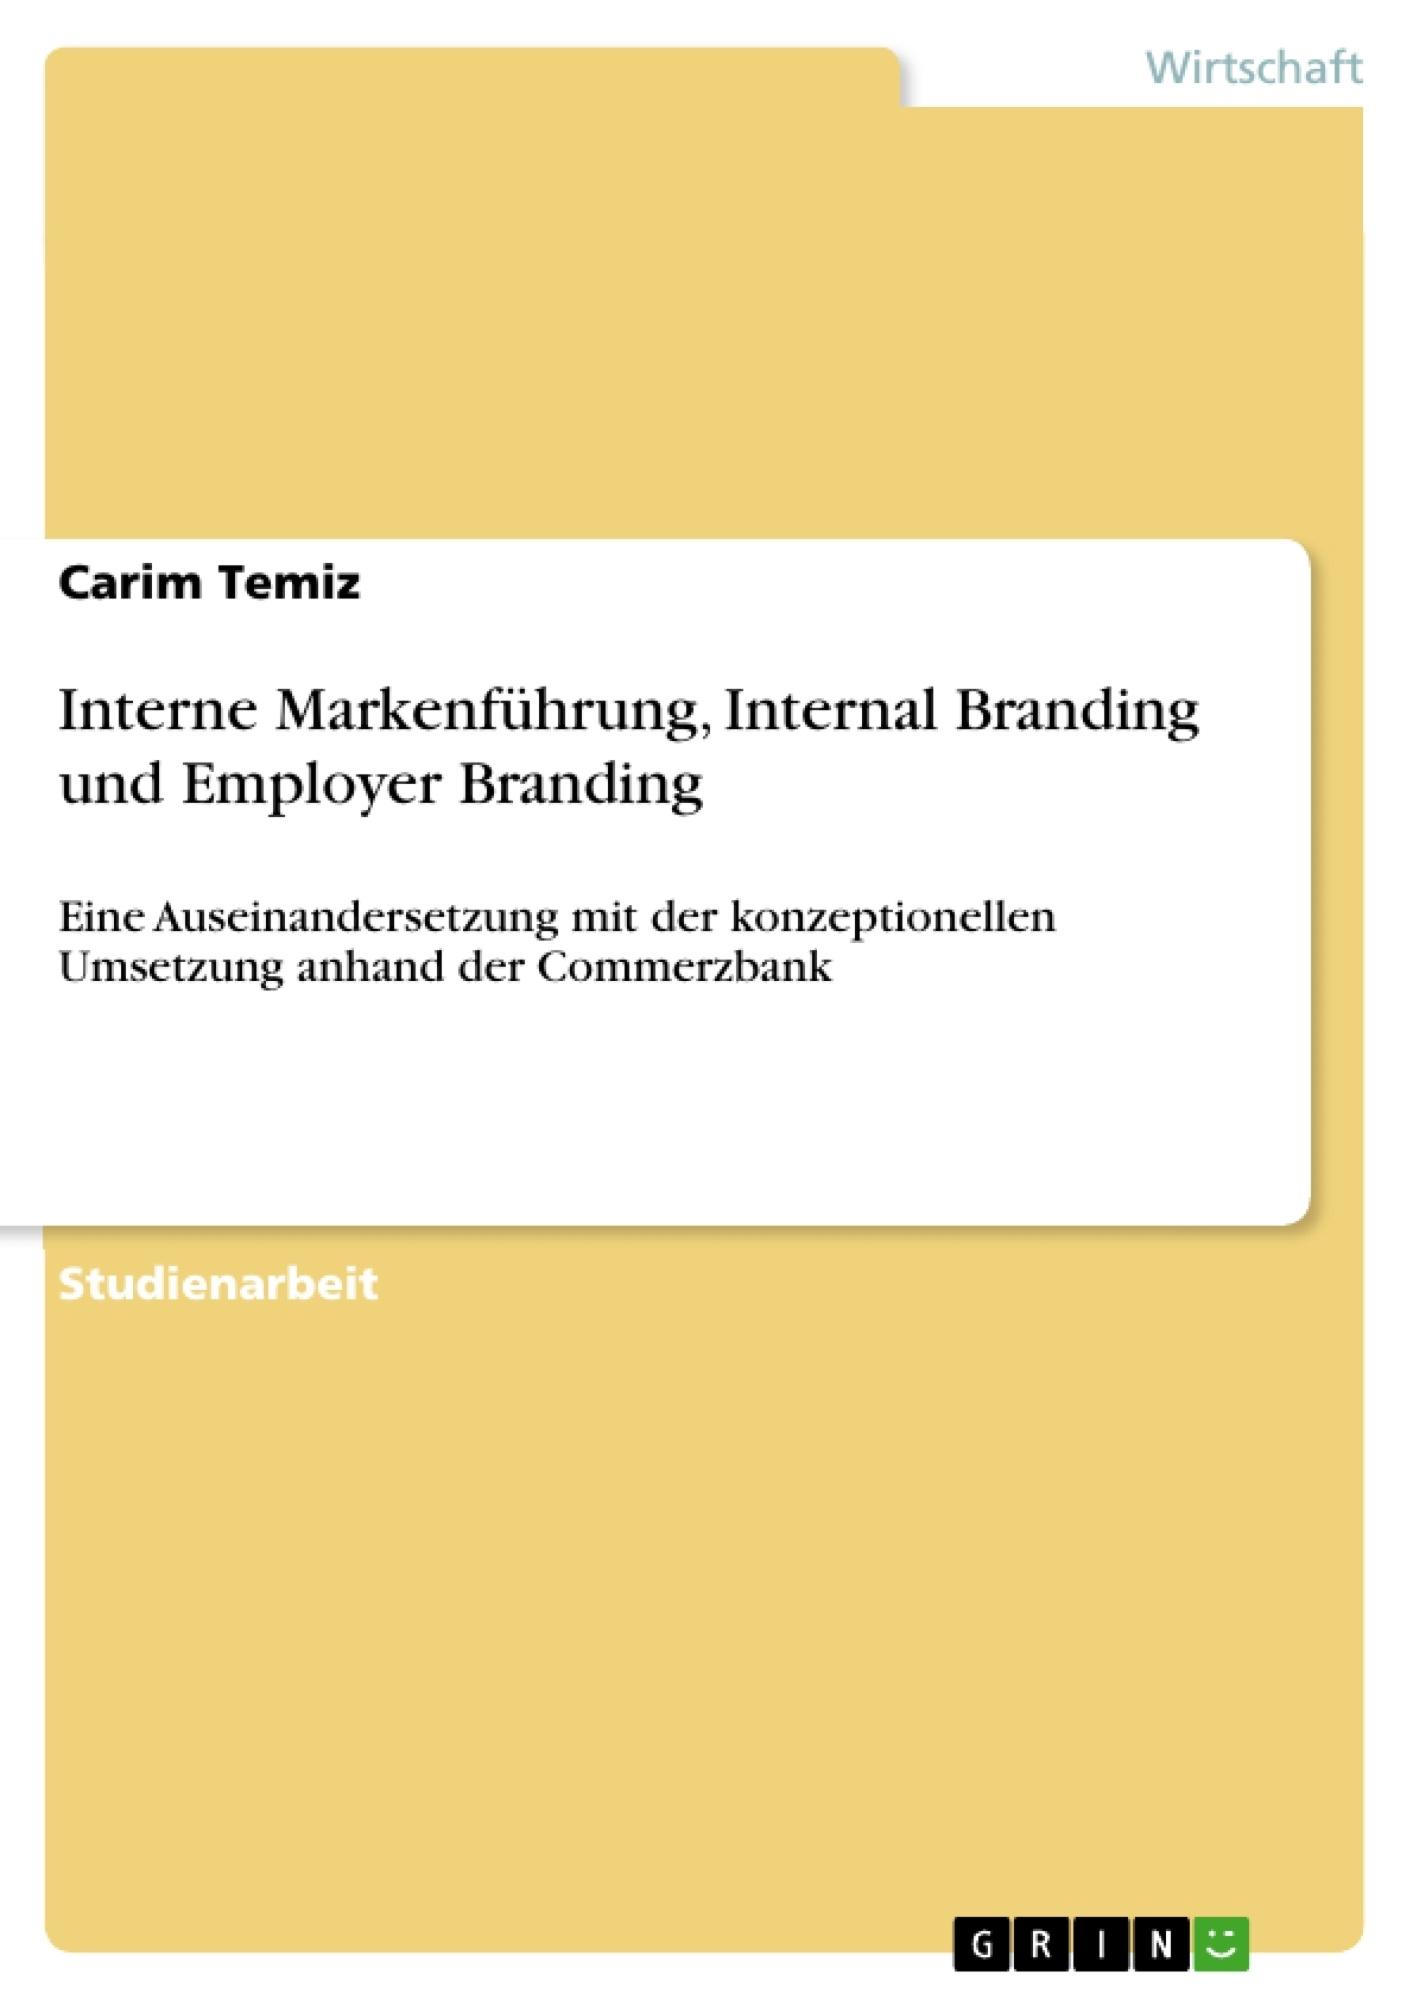 Titel: Interne Markenführung, Internal Branding und Employer Branding